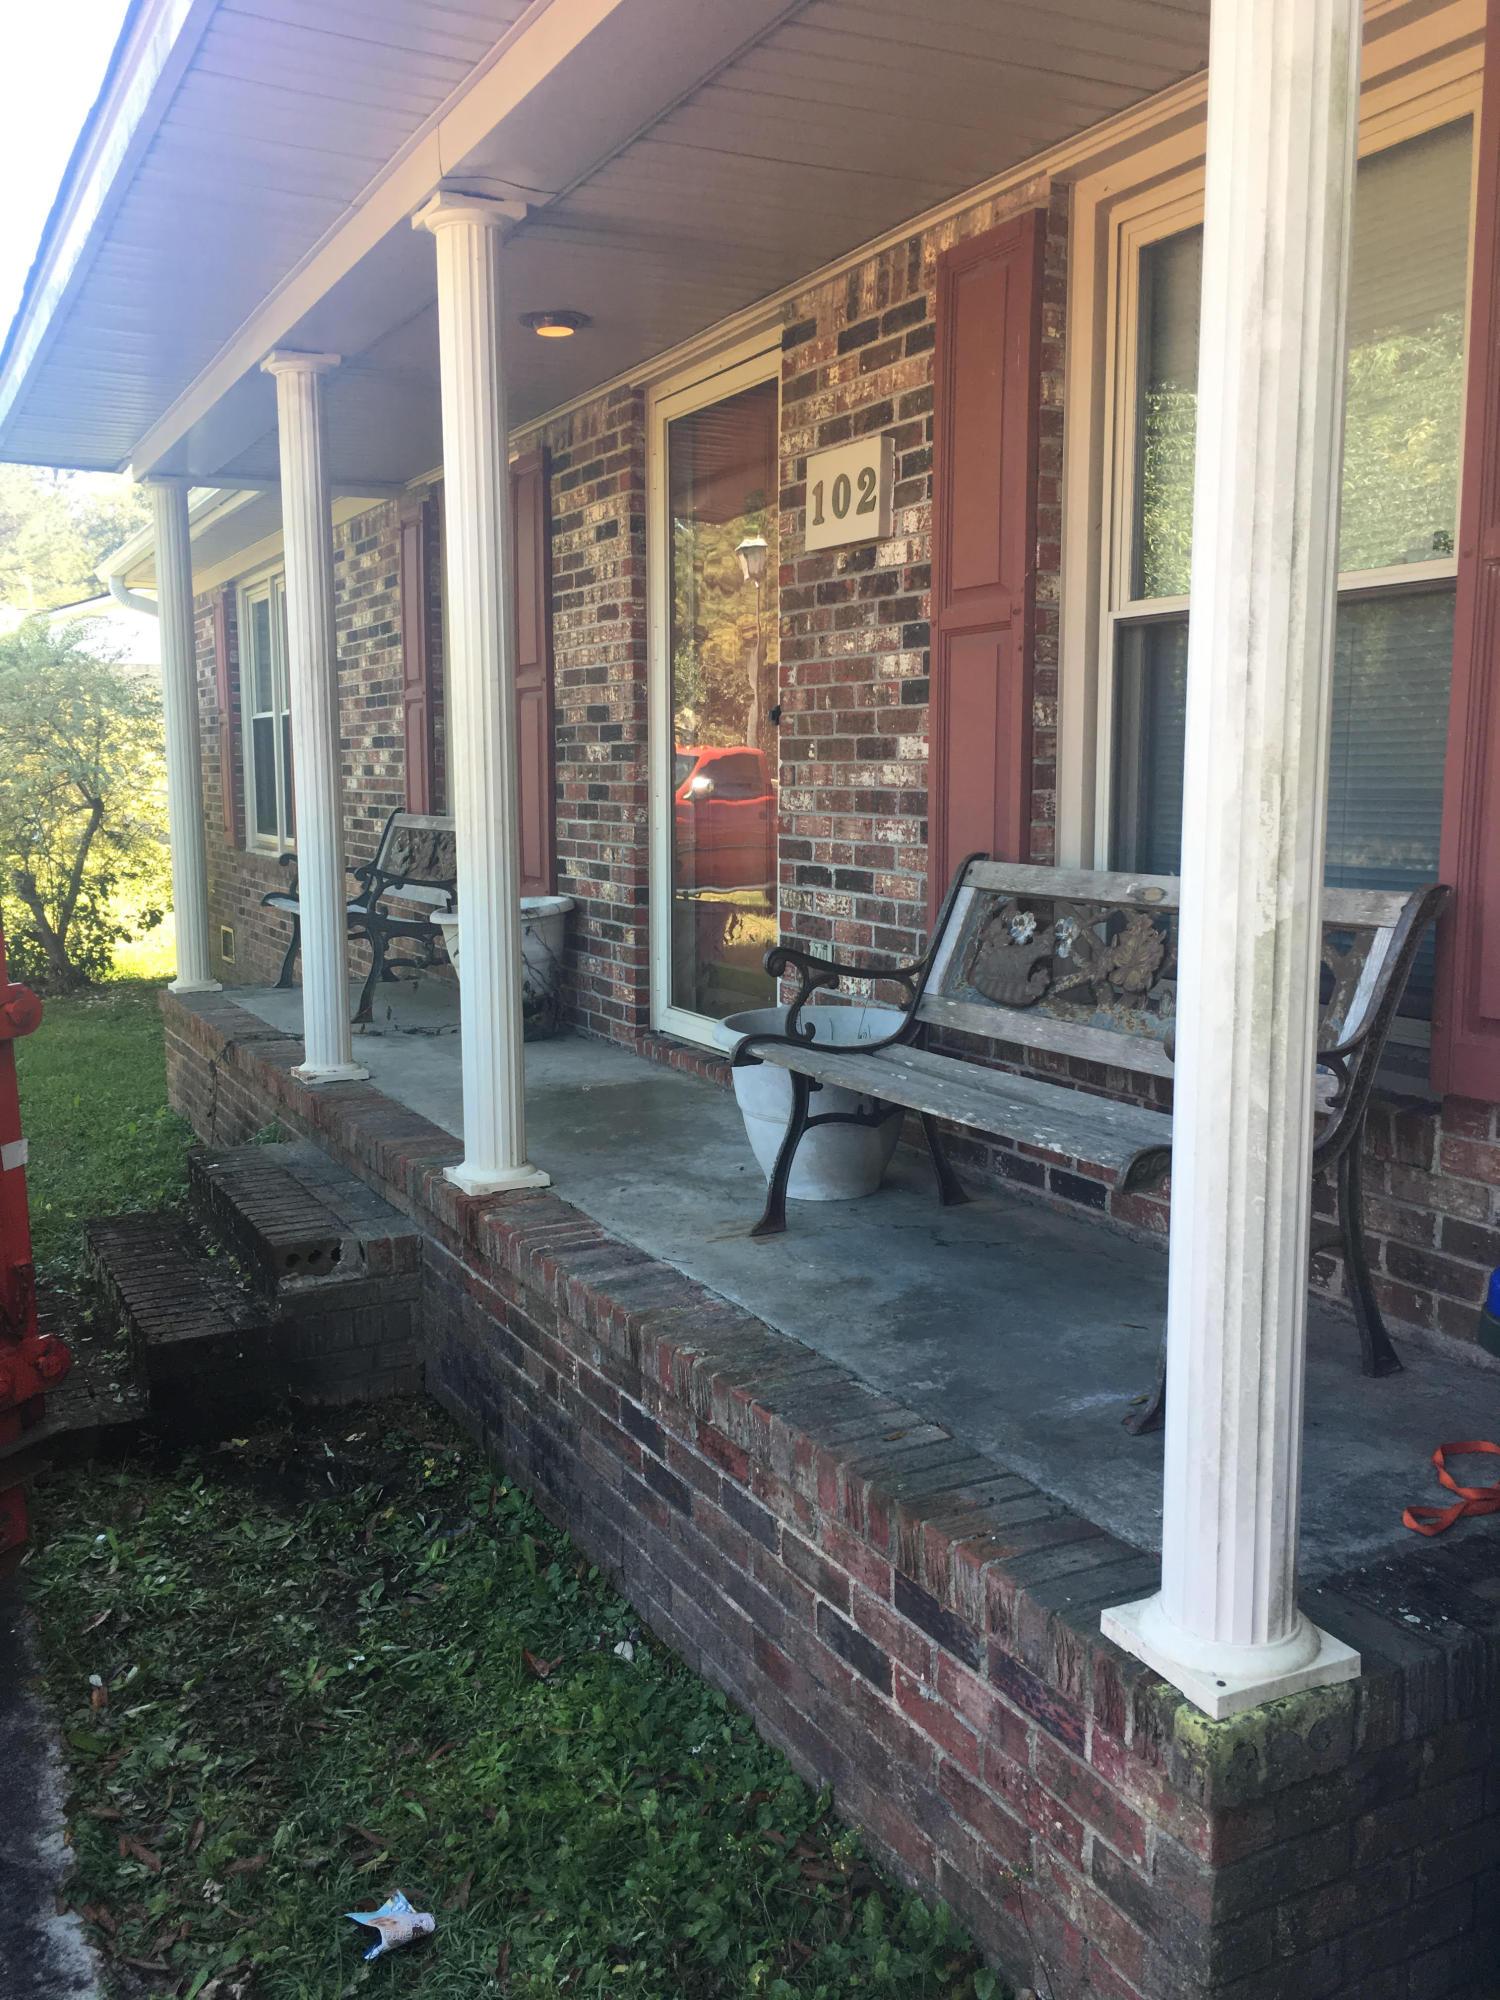 102 Warington Street Summerville, SC 29483